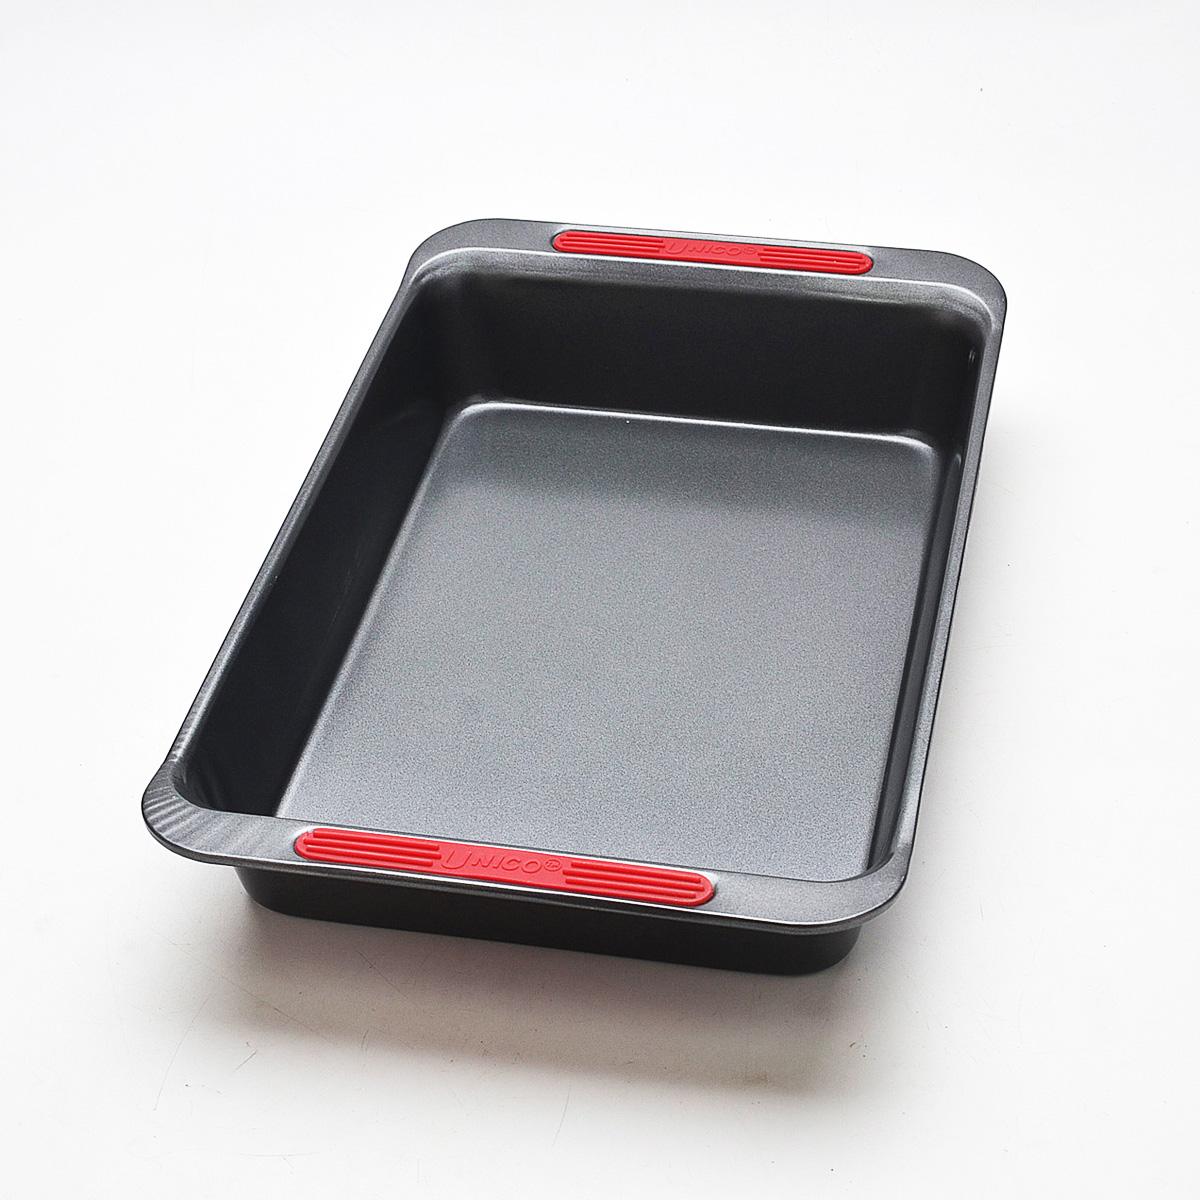 Форма для запекания Mayer & Boch Unico, прямоугольная, с антипригарным покрытием, 41 х 25 х 6,5 см21915Прямоугольная форма для запекания Mayer & Boch Unico изготовлена из высококачественной углеродистой стали с антипригарным покрытием, которое отличается экологичностью и безопасно для здоровья человека. Пища не пригорает, не липнет к стенкам и легко вынимается из формы. После использования форма легко чистится. Удобные ручки оснащены силиконовыми вставками, что позволит не использовать прихватки. Простая в уходе и долговечная в использовании форма станет верным помощником в создании ваших кулинарных шедевров. Подходит для использования в духовом шкафу. Не подходит для СВЧ-печей. Не рекомендуется мыть в посудомоечной машине. Используйте только деревянные и пластиковые лопатки. Размер (с учетом ручек): 41 см х 25 см. Размер (без учета ручек): 36 см х 23 см. Высота стенок: 6,5 см.